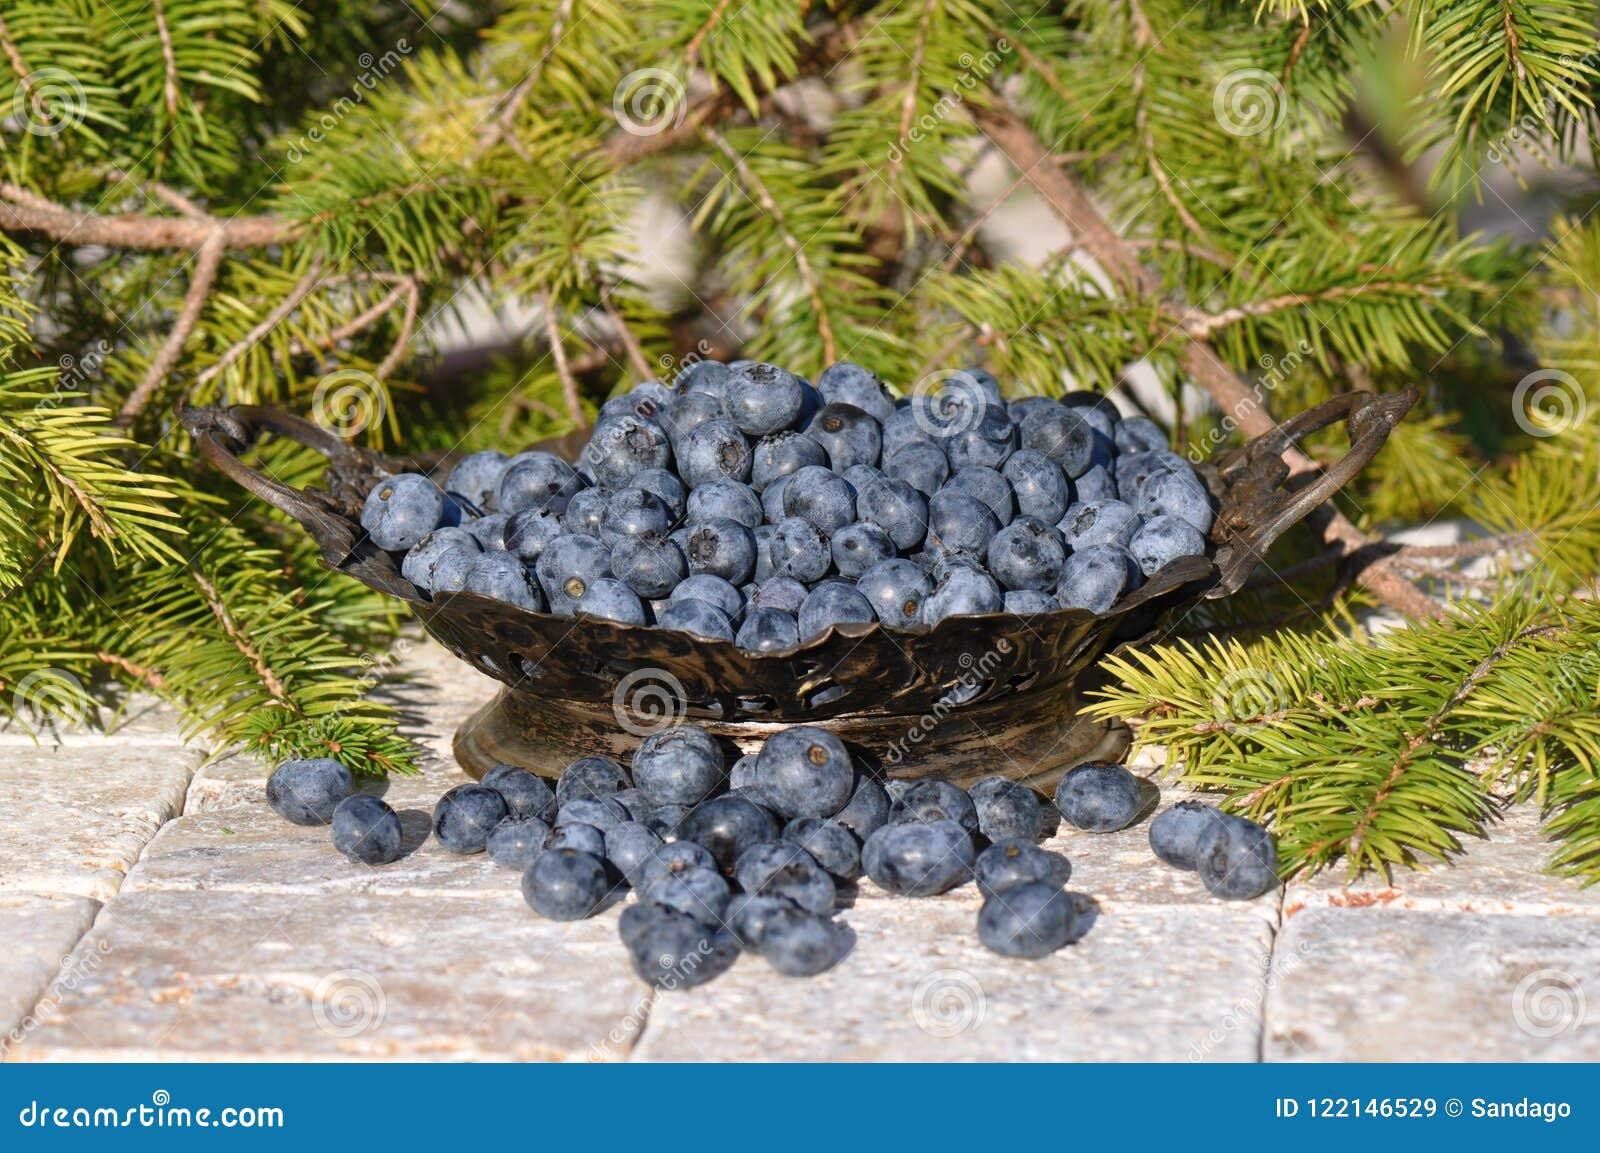 Blaubeeren Geschmackvoll, Nachtisch